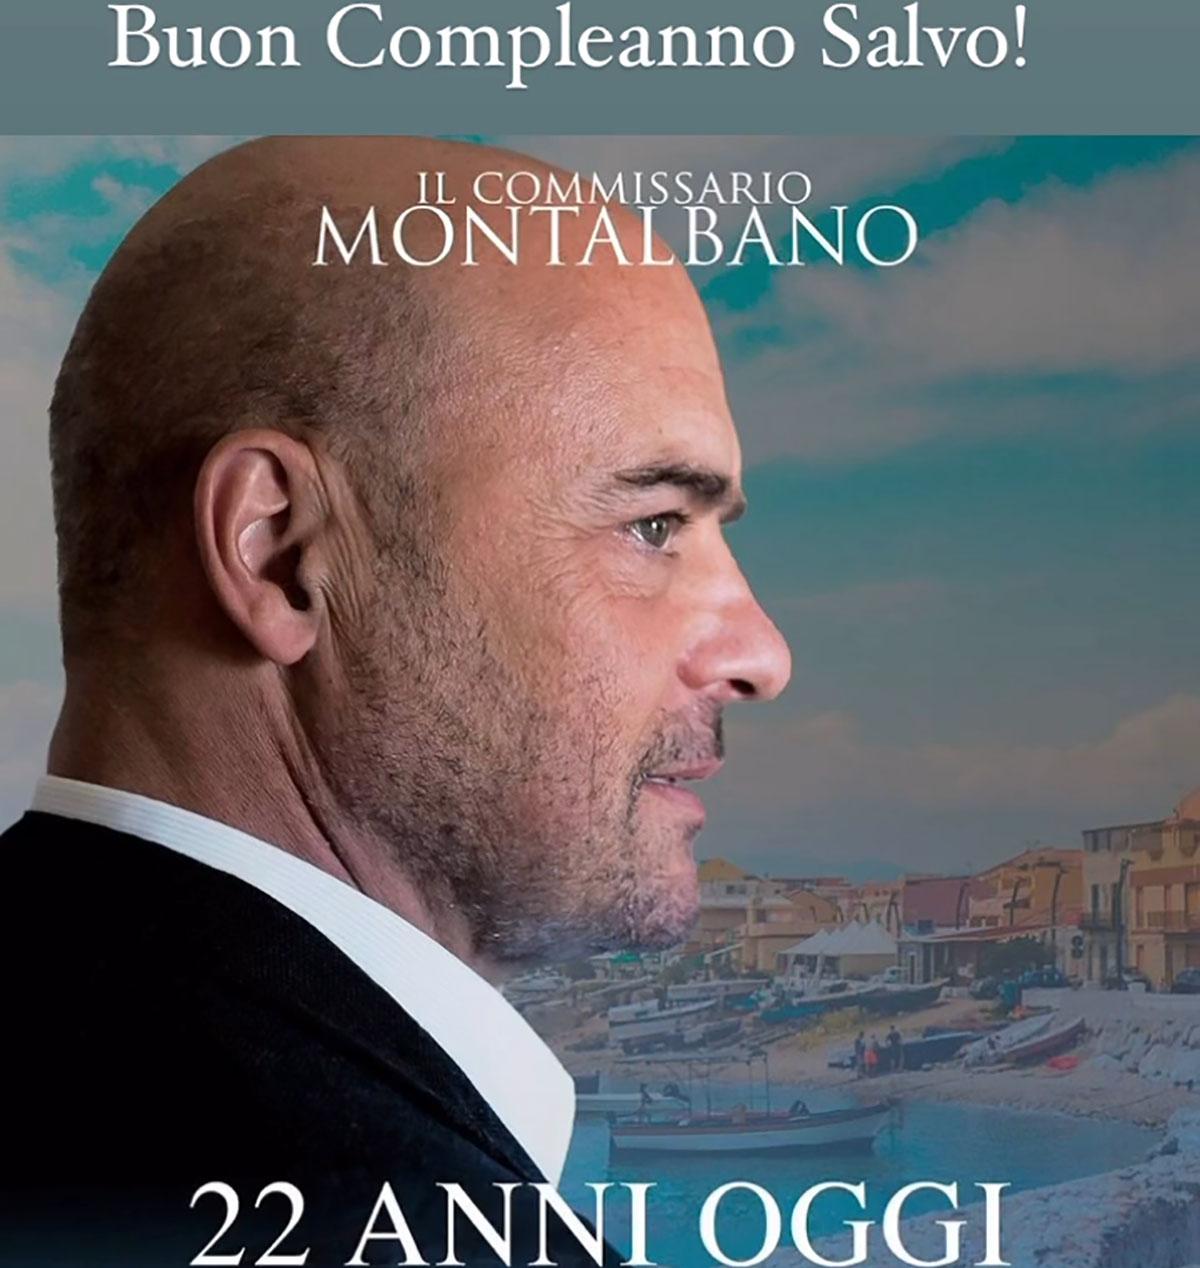 foto Il commissario Montalbano Luca Zingaretti